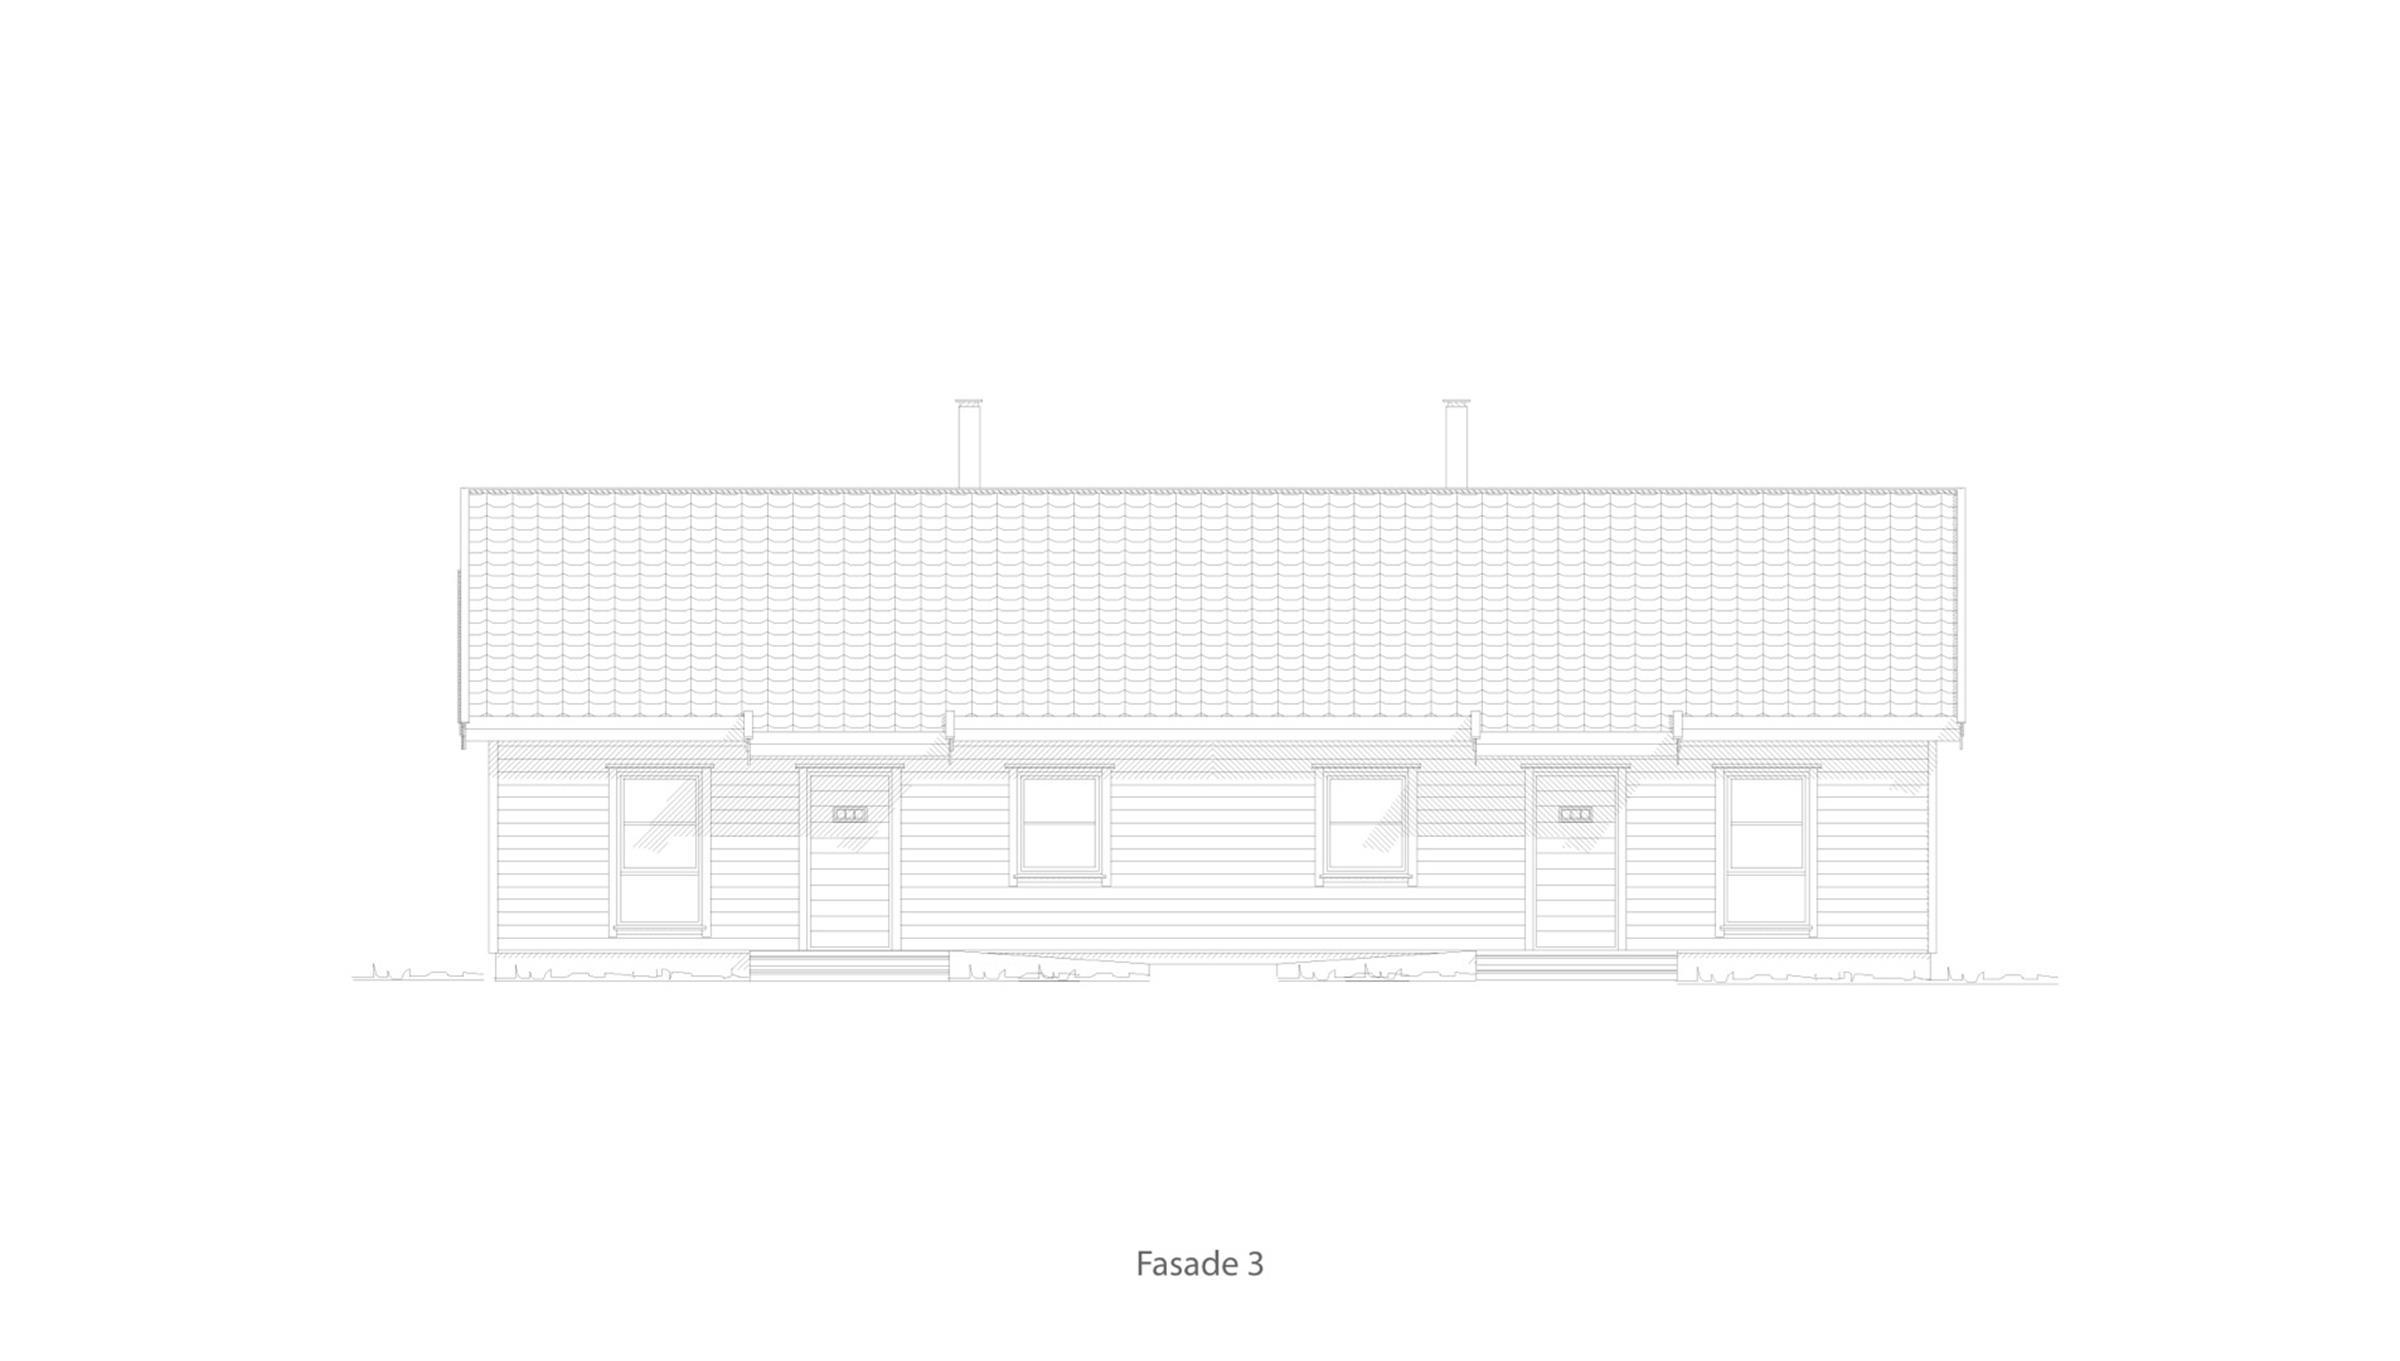 Larvik fasade 3